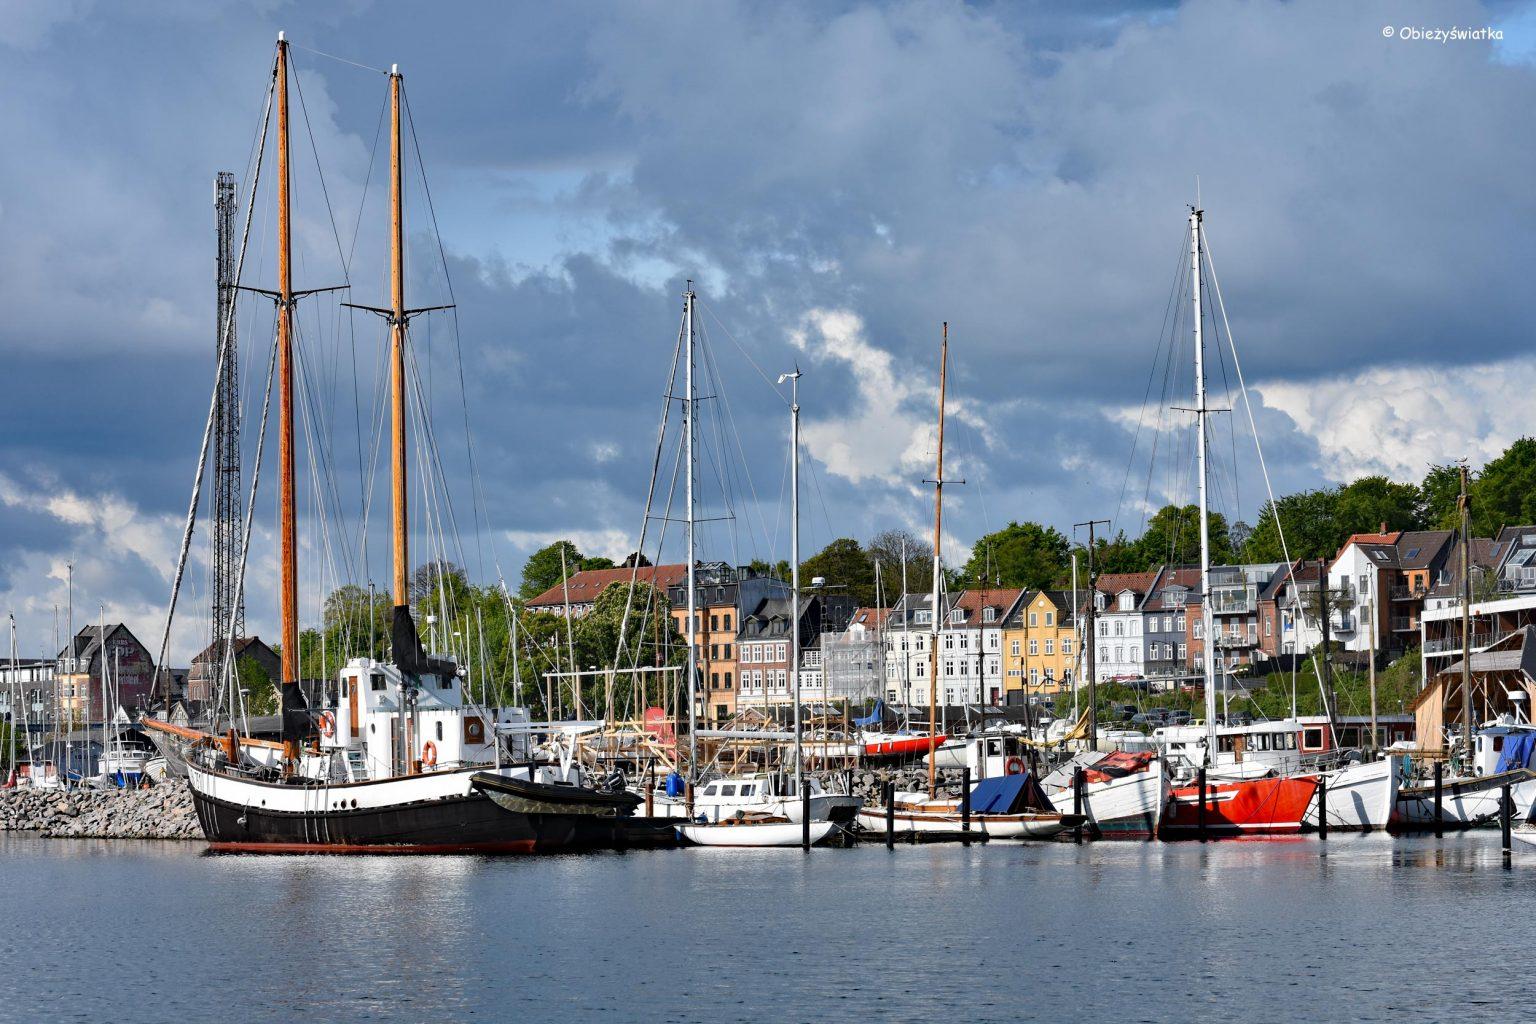 Dzielnica portowa w Aarhus, Dania